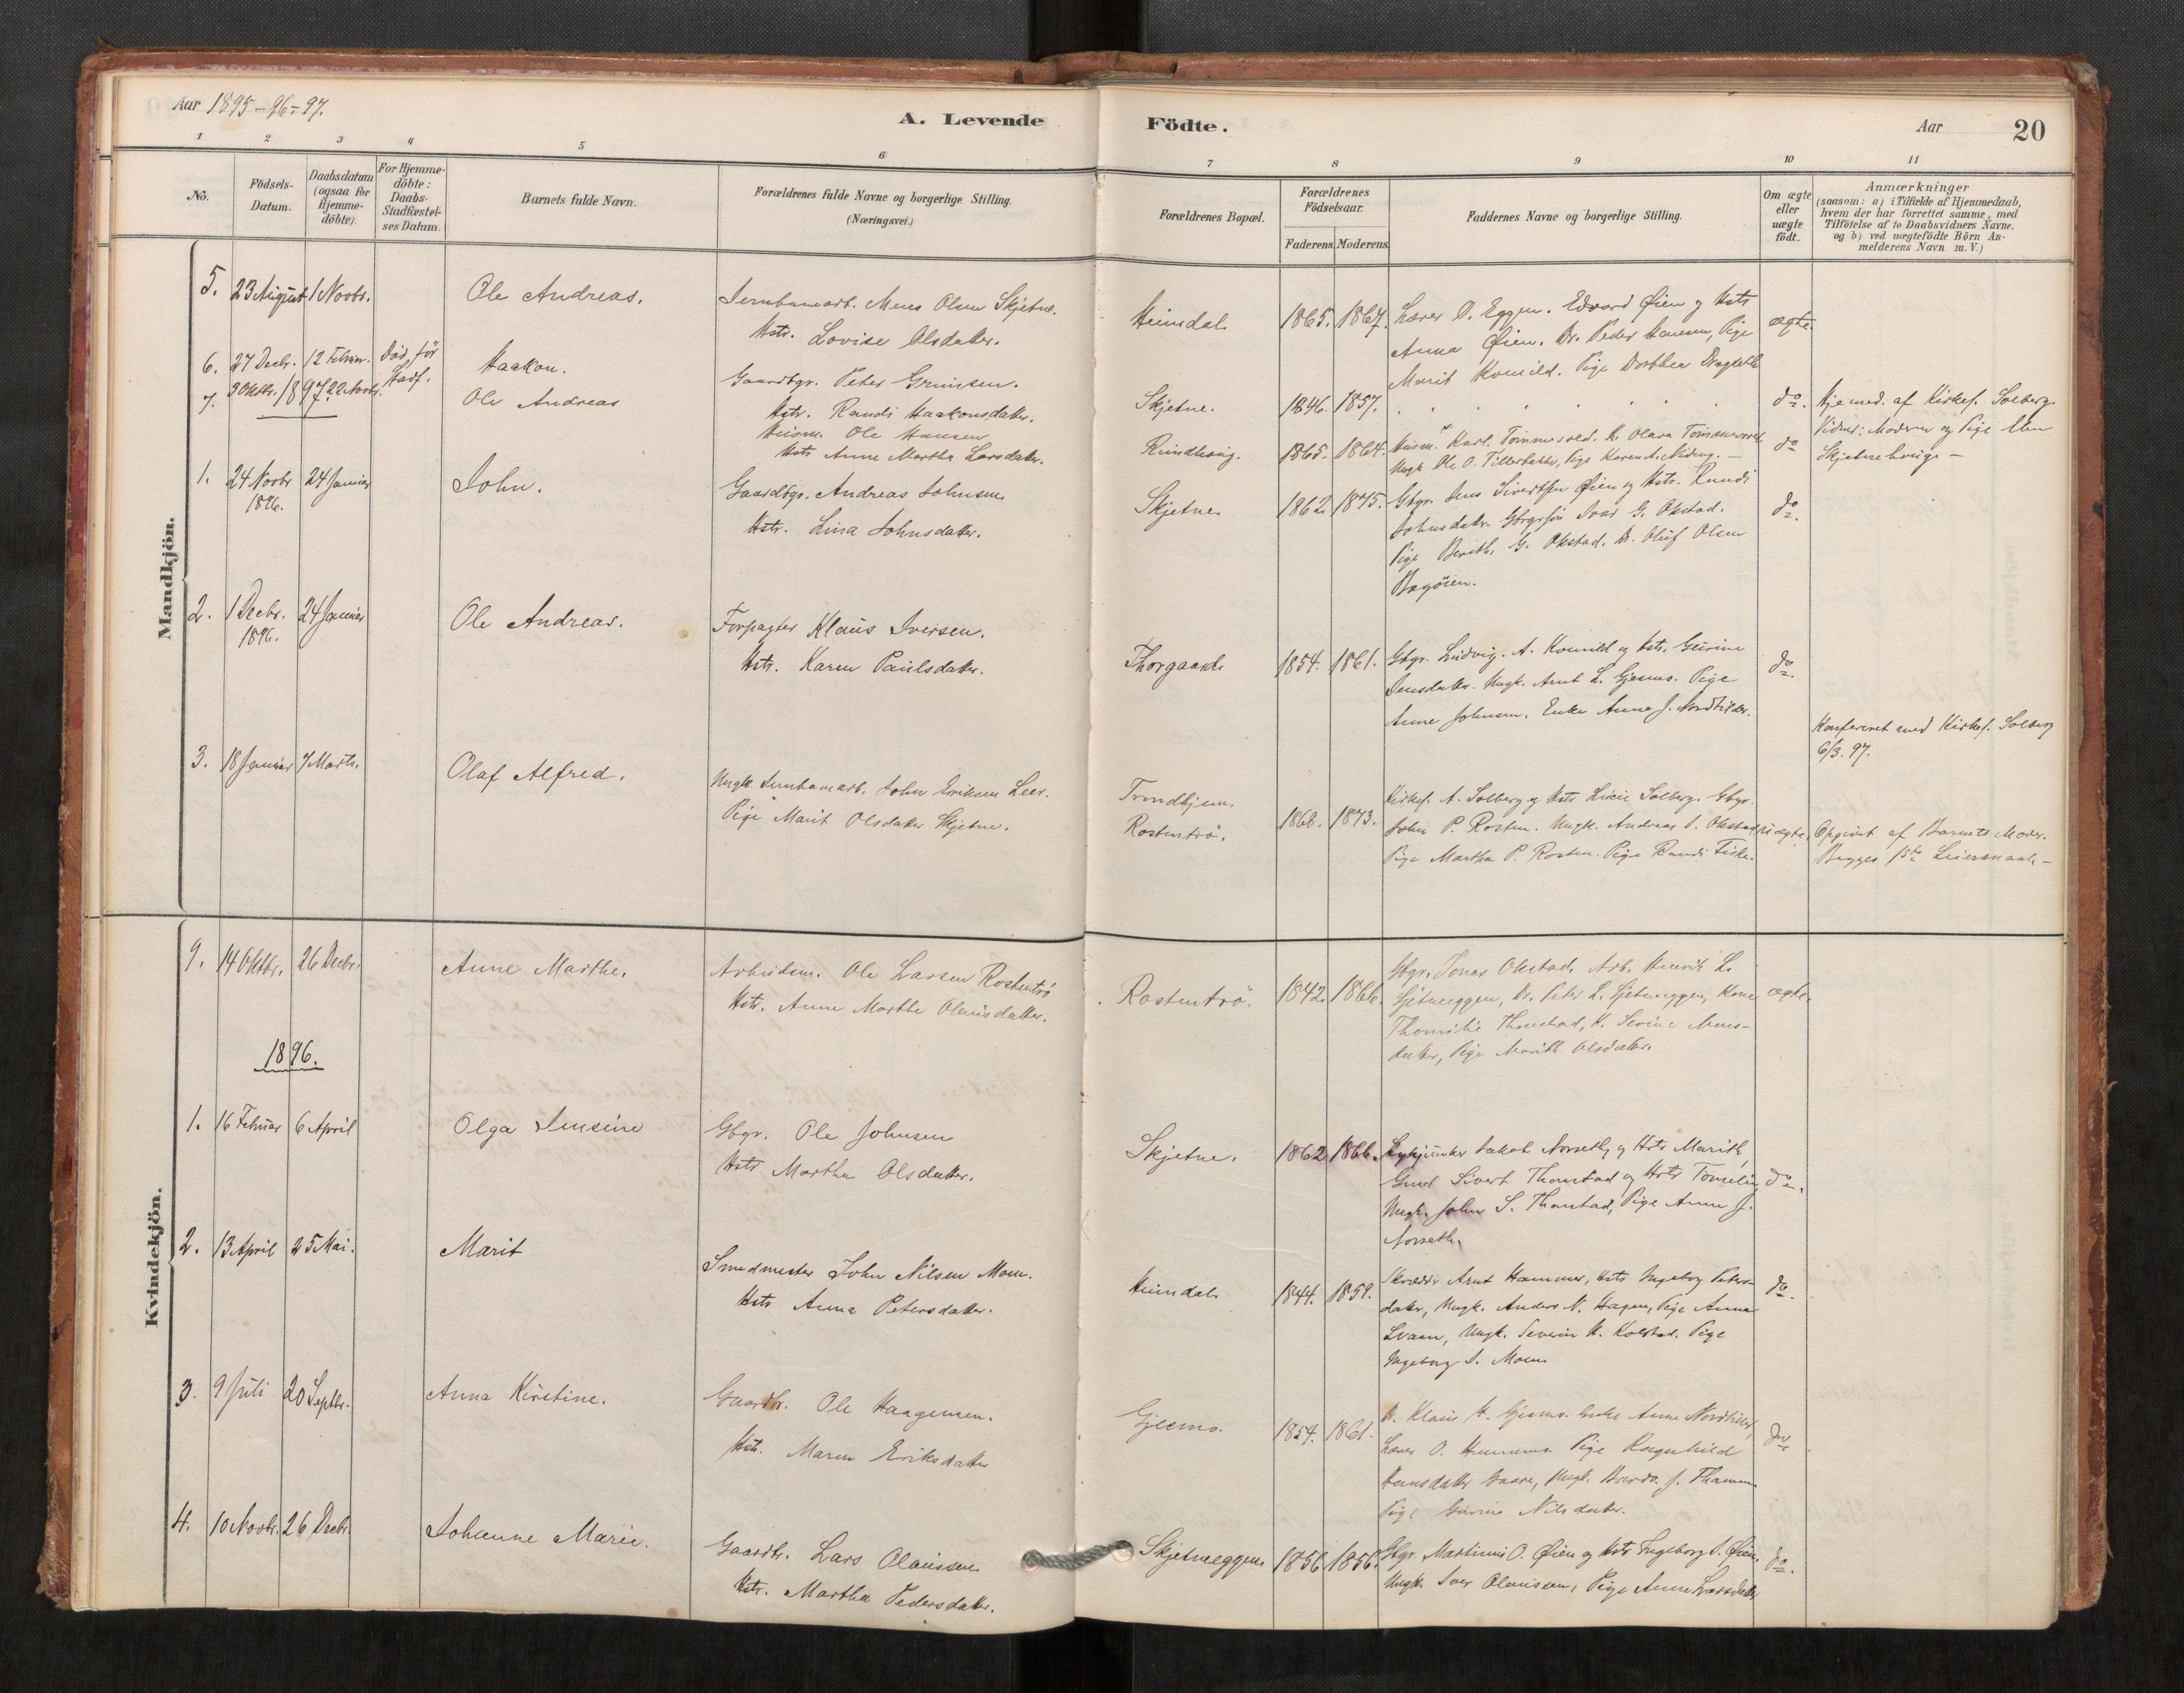 SAT, Klæbu sokneprestkontor, Parish register (official) no. 1, 1880-1900, p. 20